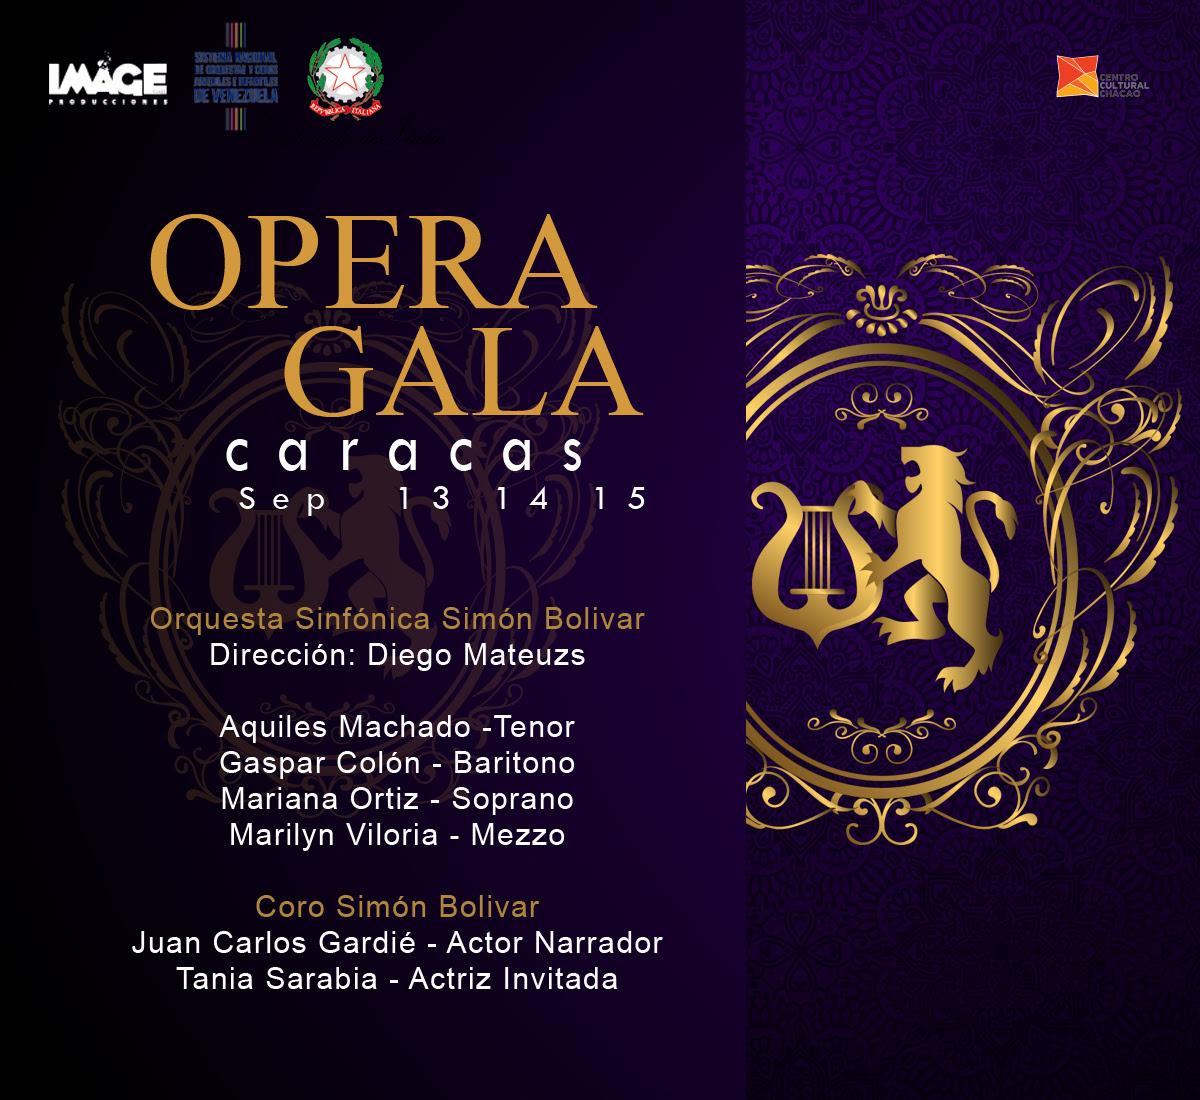 OPERA GALA CARACAS: Un amor trasatlántico en clave operística llega al Teatro de Chacao para 3 únicas funciones